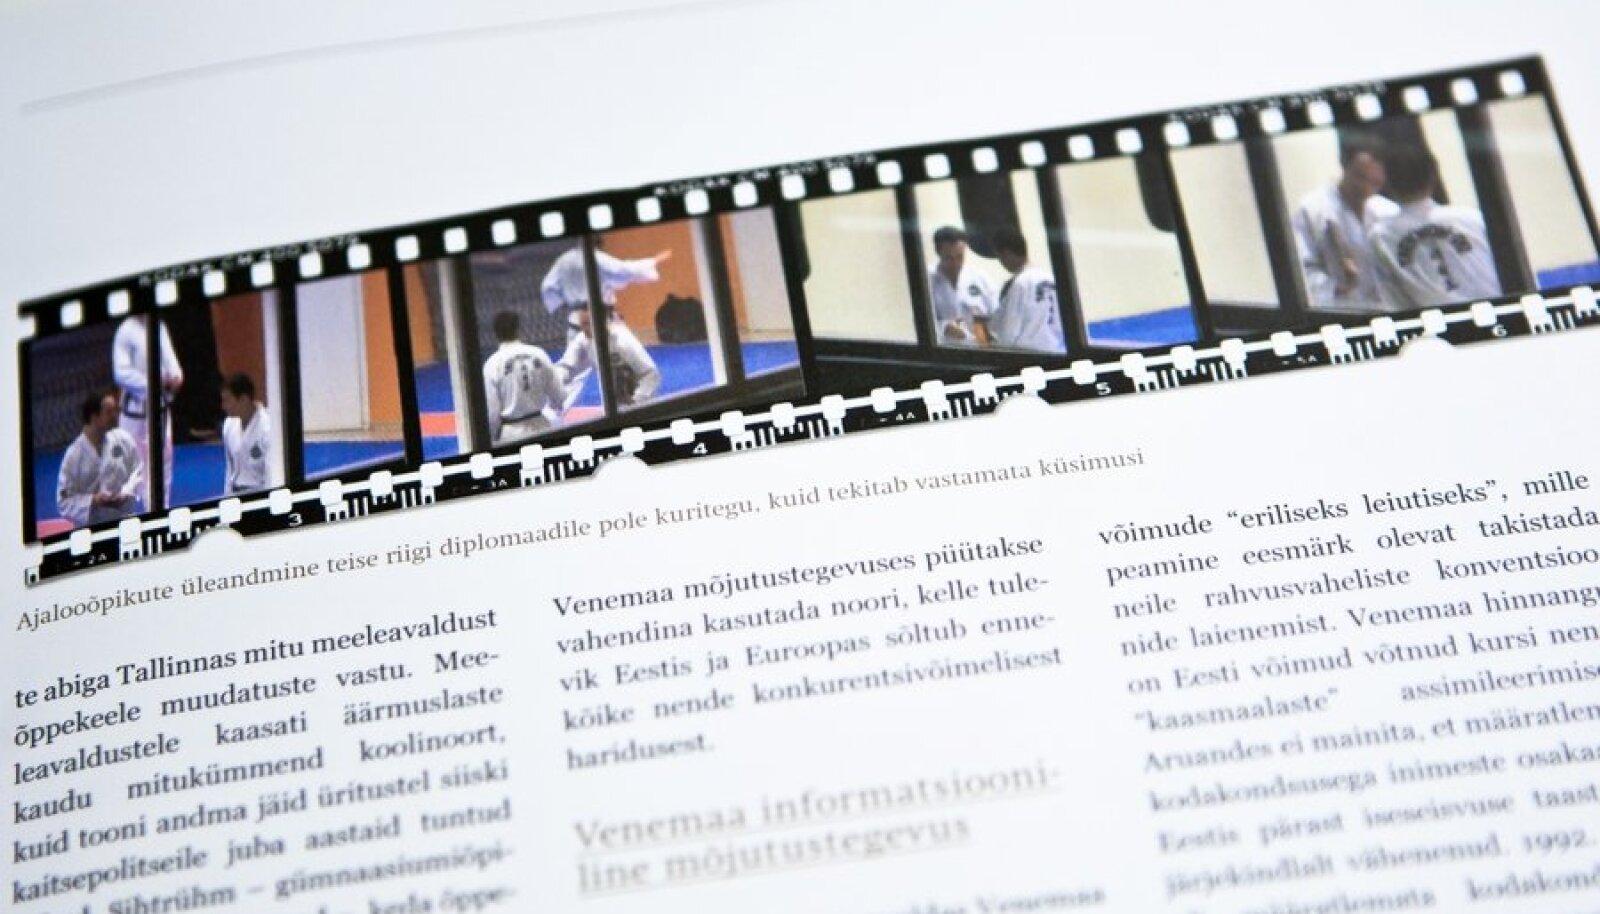 Fotod kaitsepolitsei aastaraamatus sellest, kuidas Mihhail Kõlvart annab Vene diplomaadile ajalooõpikuid